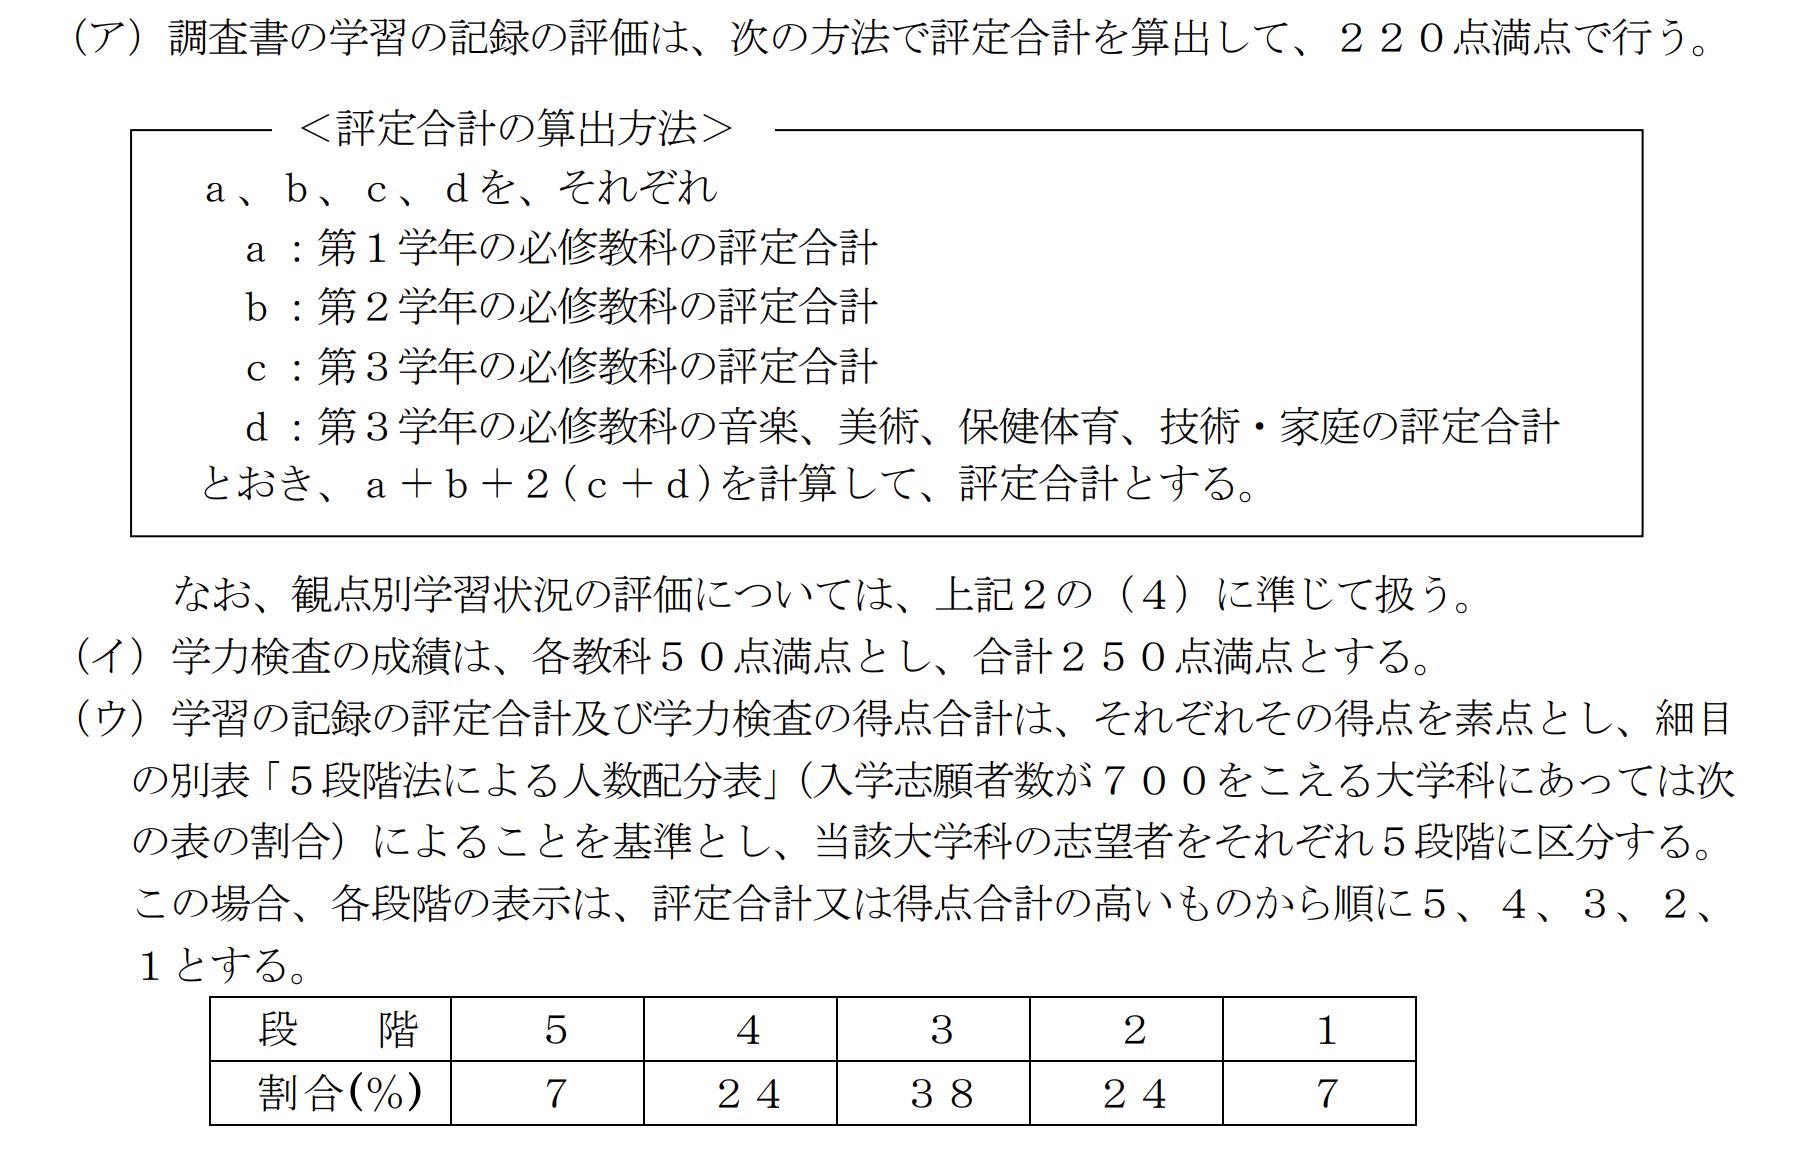 香川県公立高校入試制度1